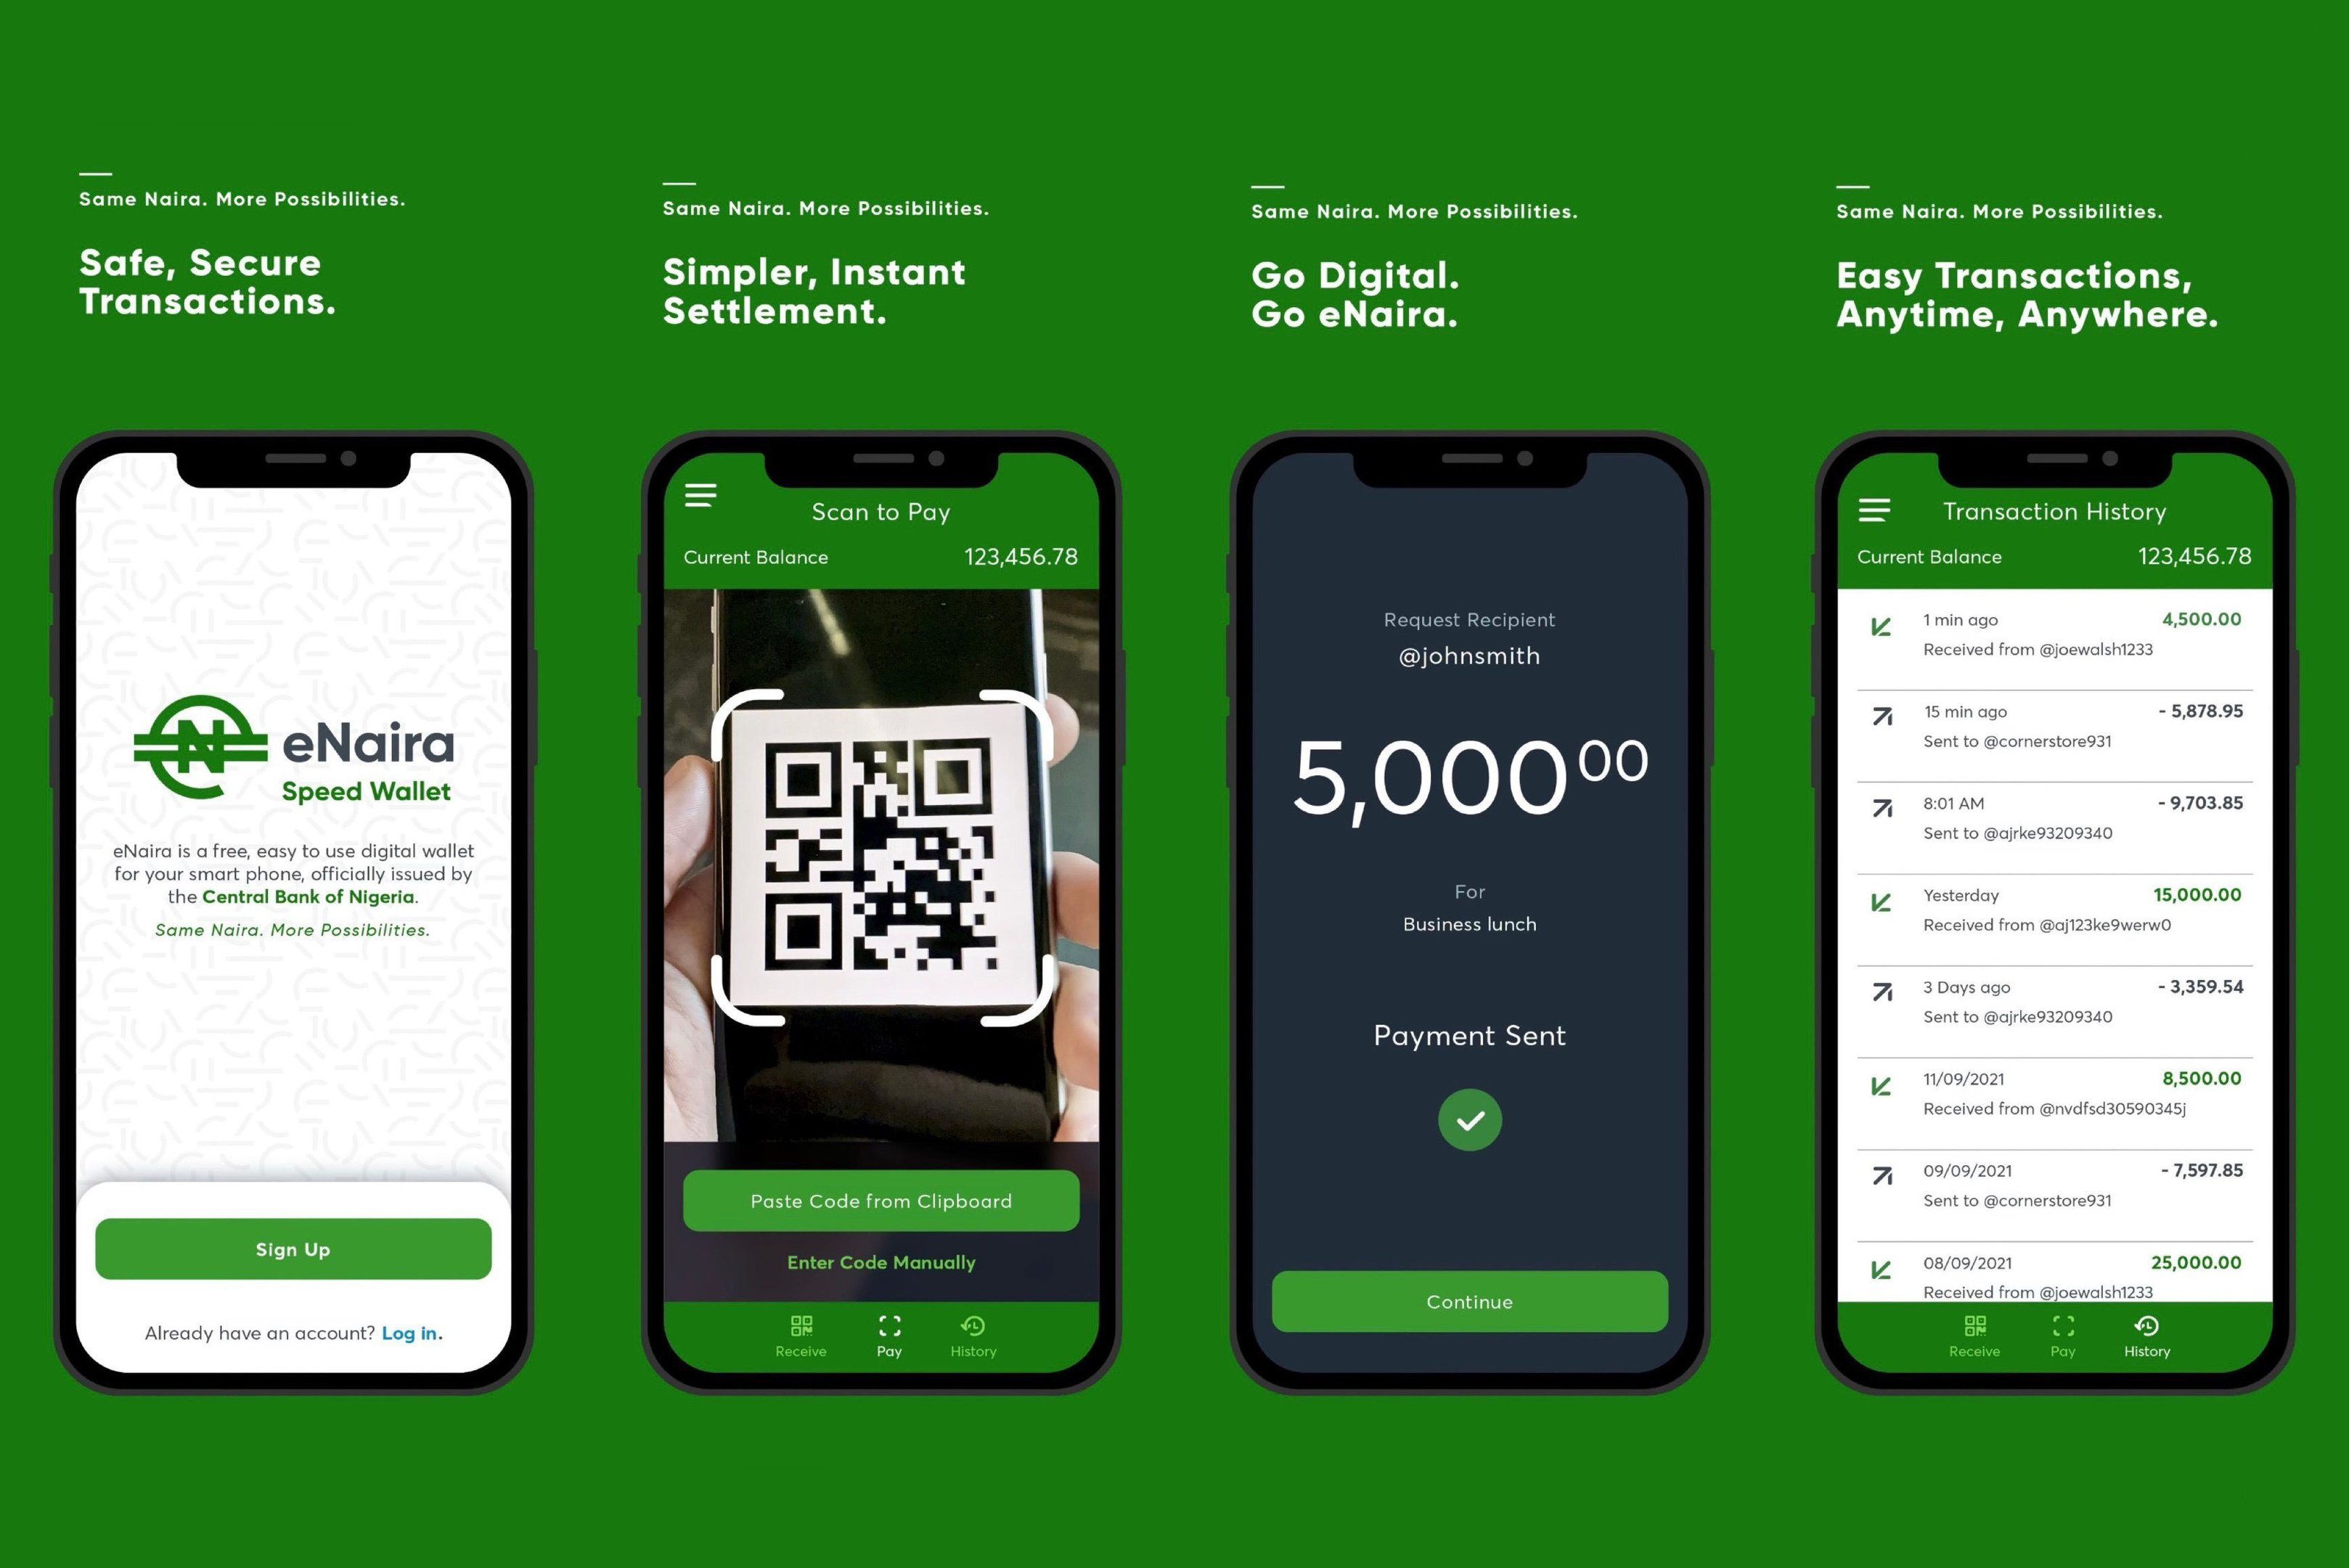 Nigéria lança moeda digital eNaira e é o 1º país africano a ter sua CBDC